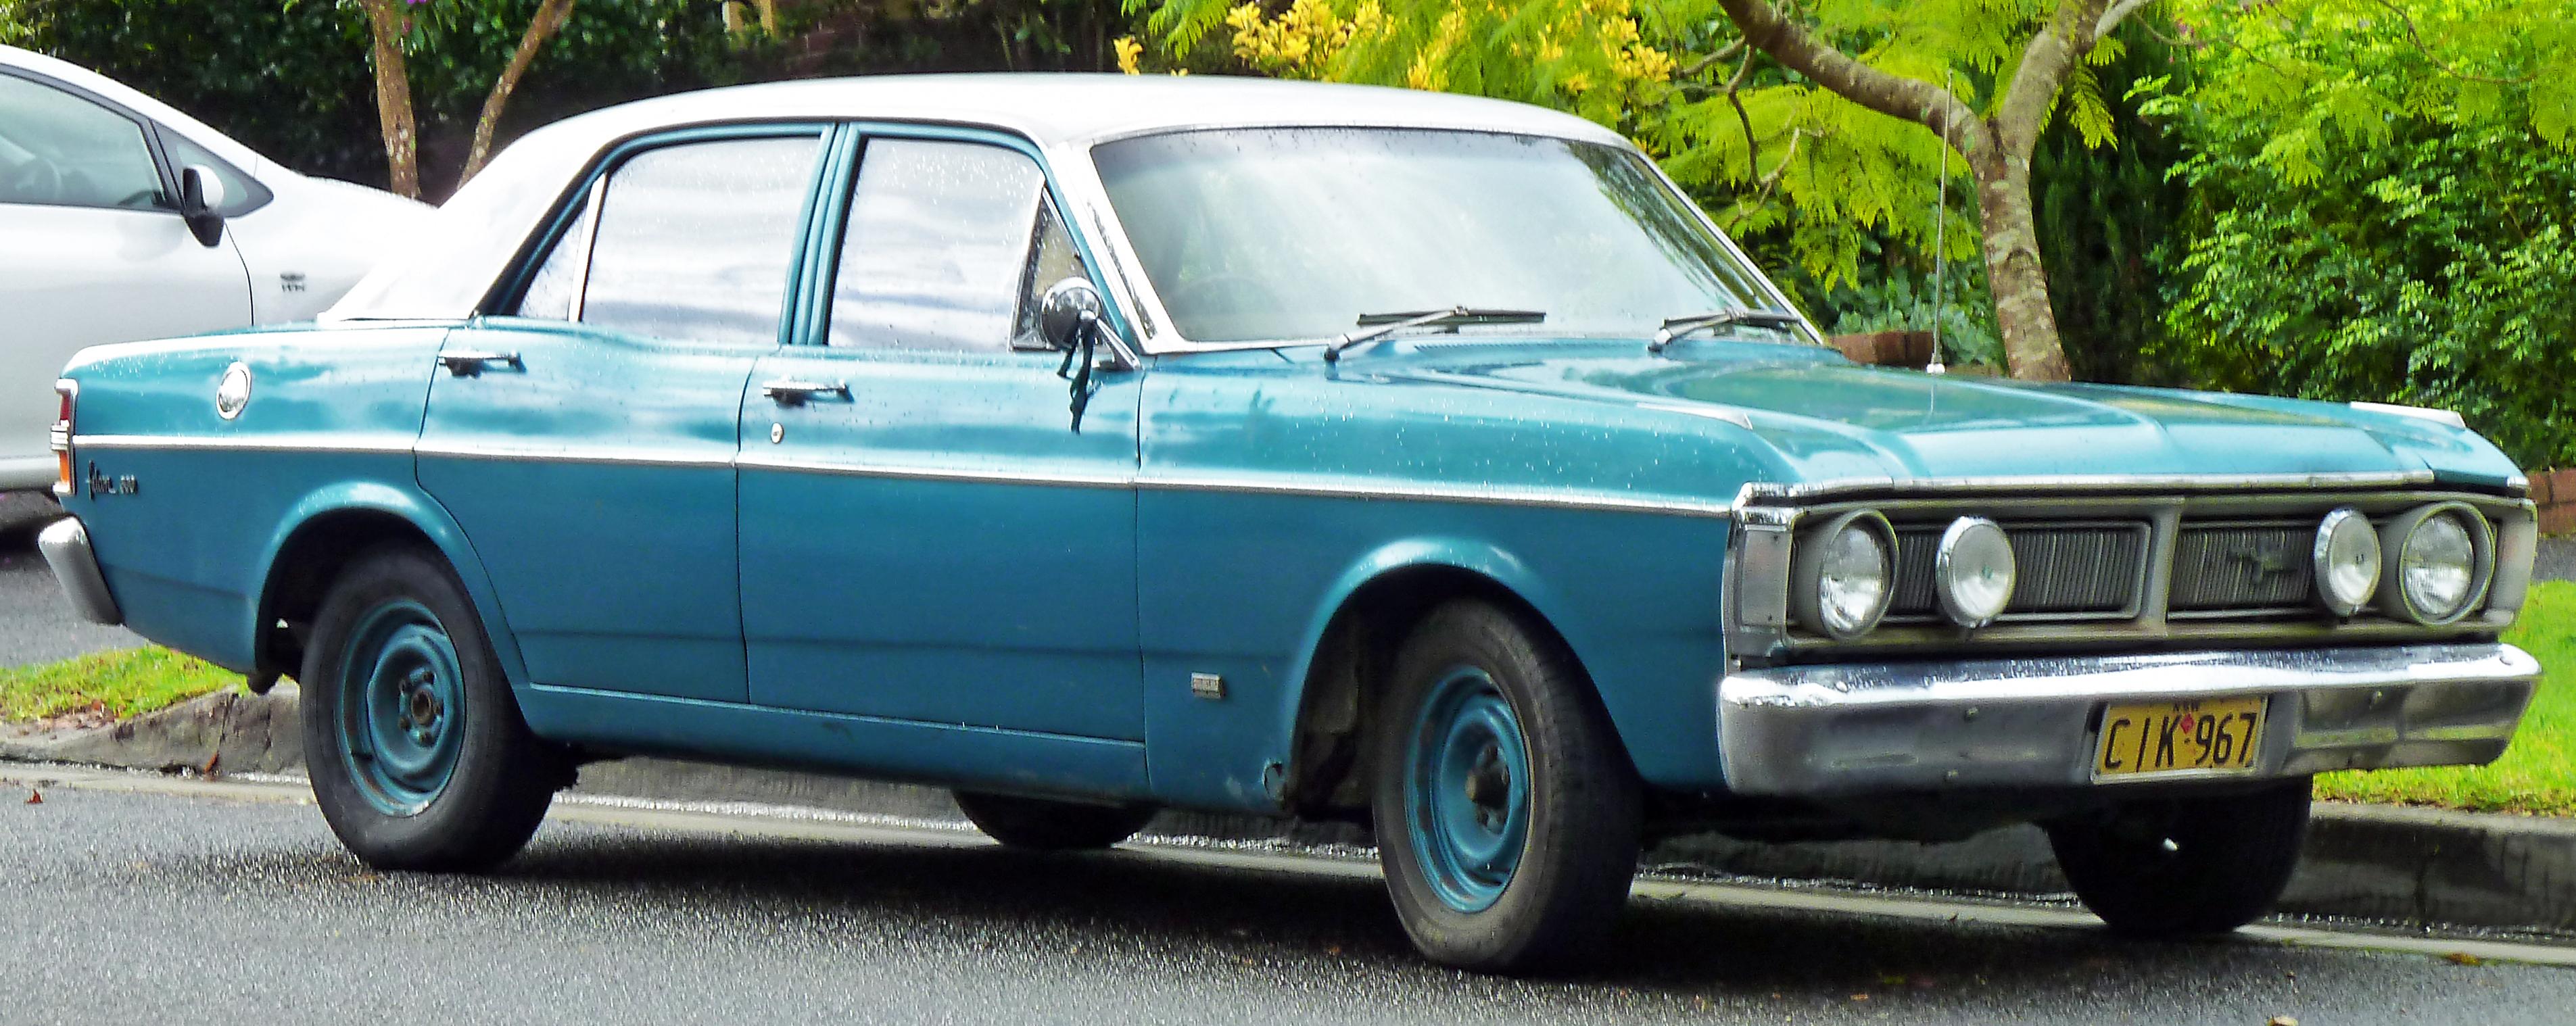 Ford Falcon 1970 foto - 1